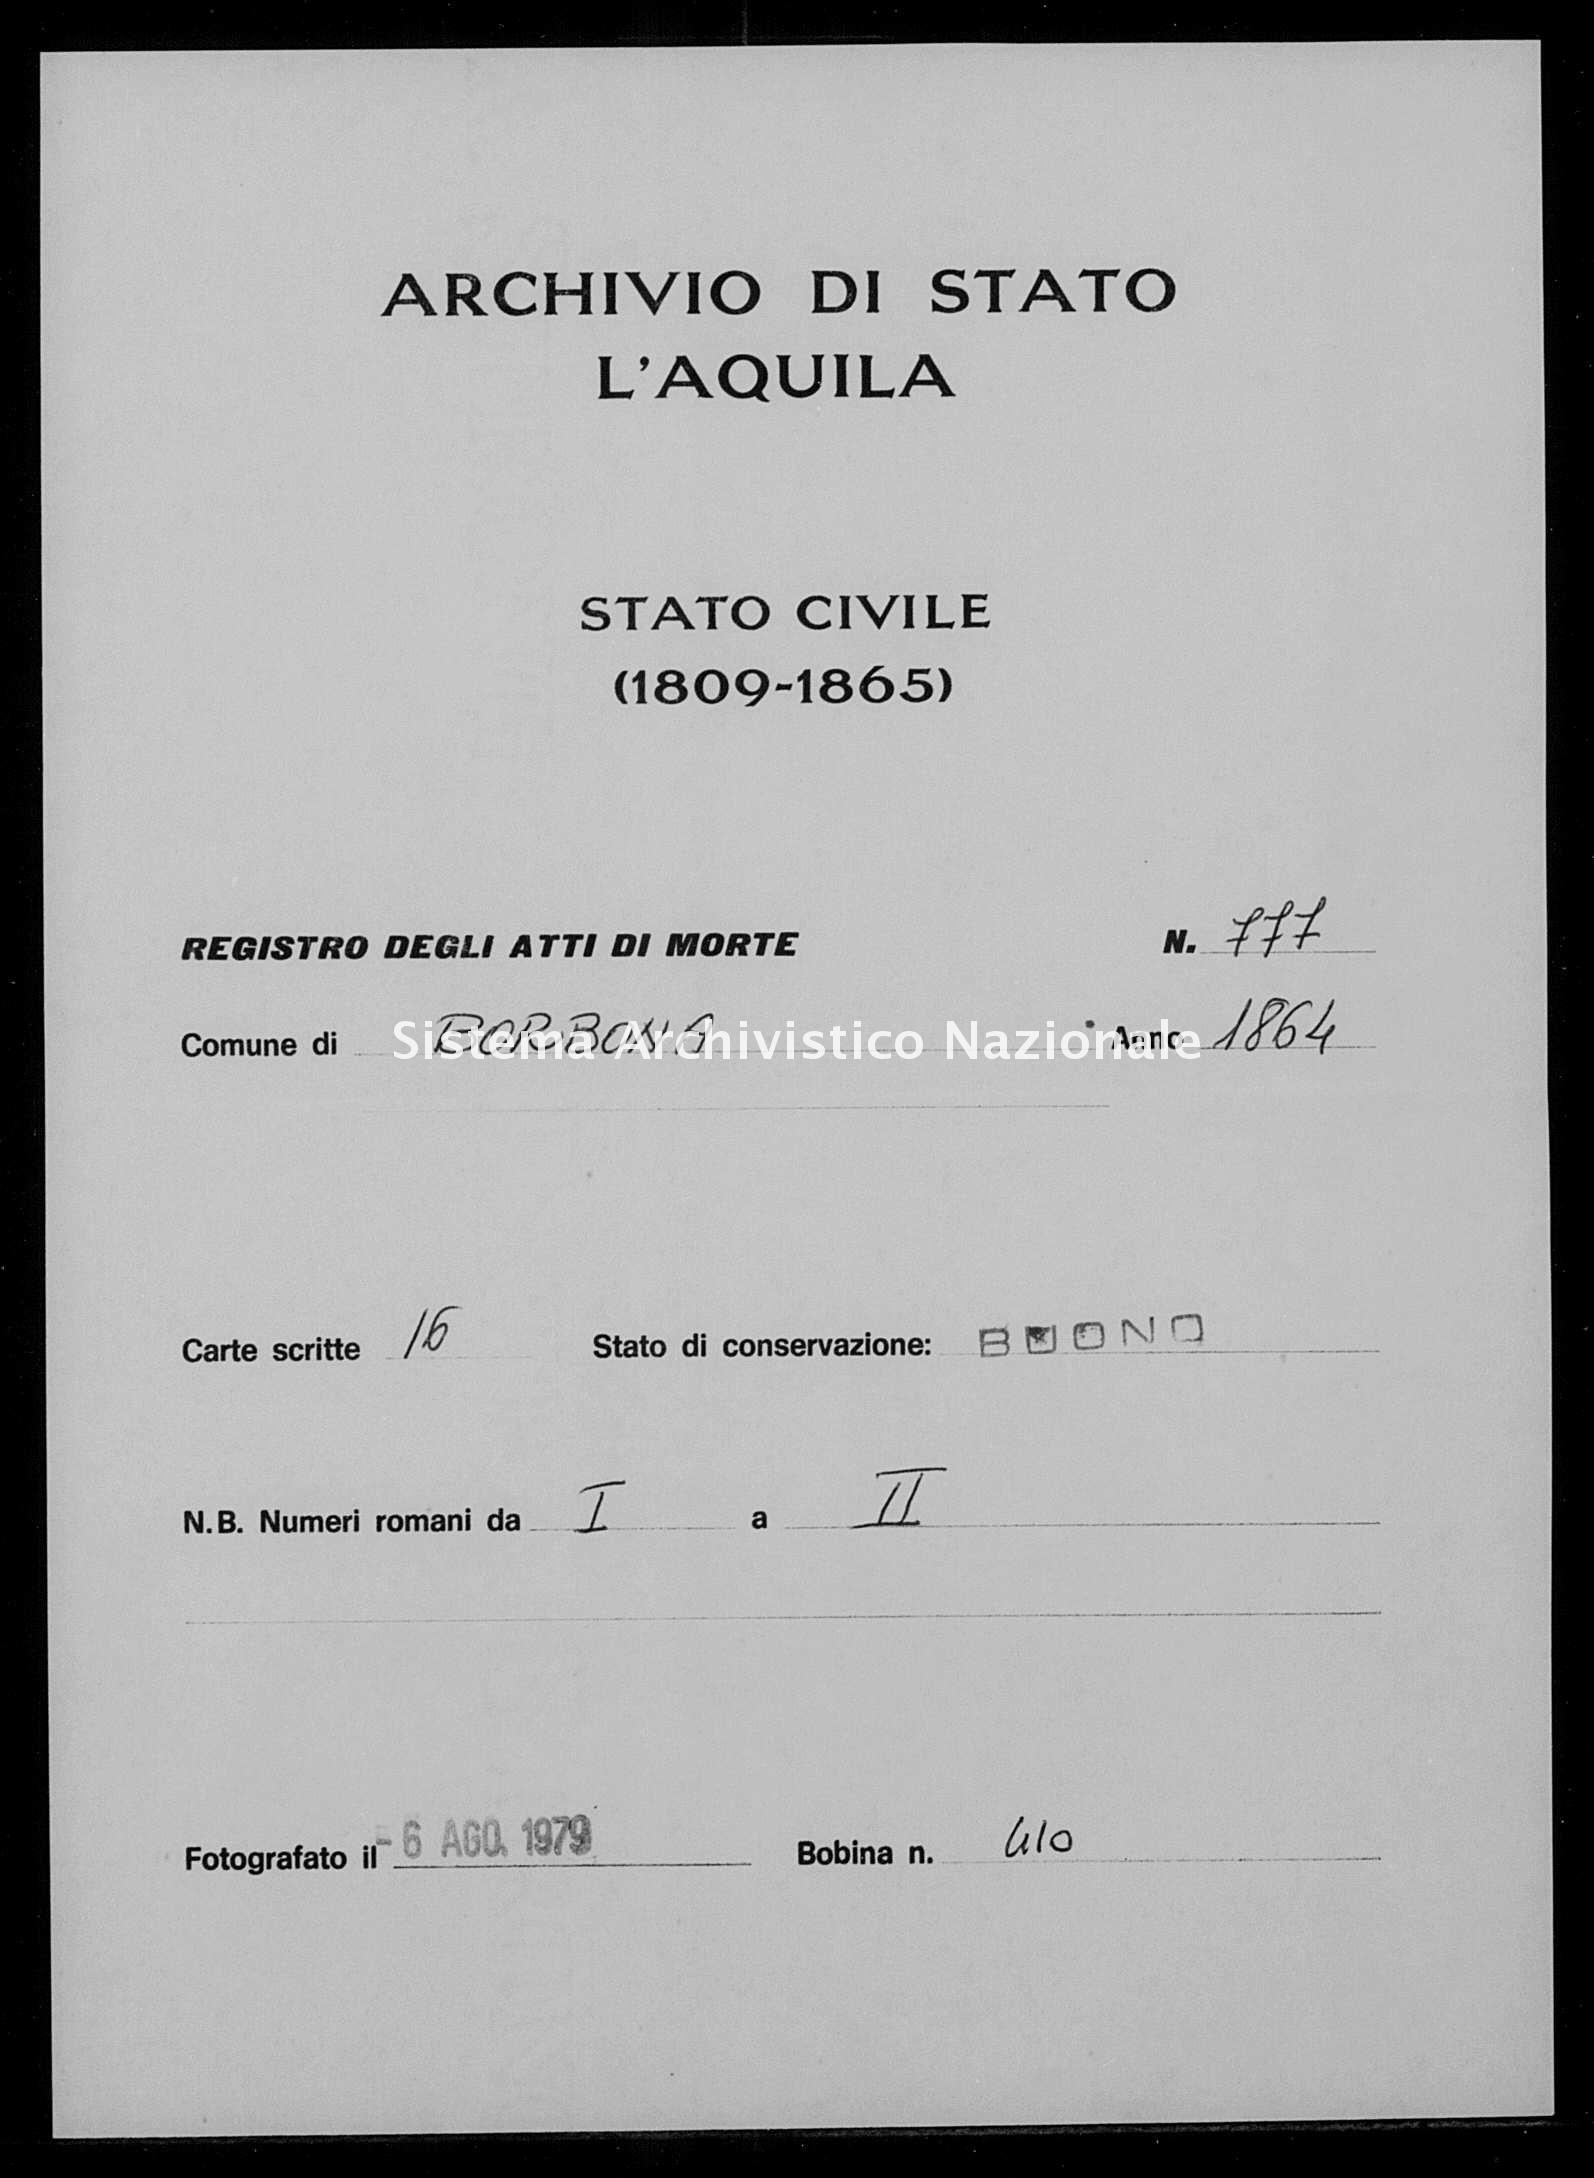 Archivio di stato di L'aquila - Stato civile italiano - Borbona - Morti - 1864 - 777 -